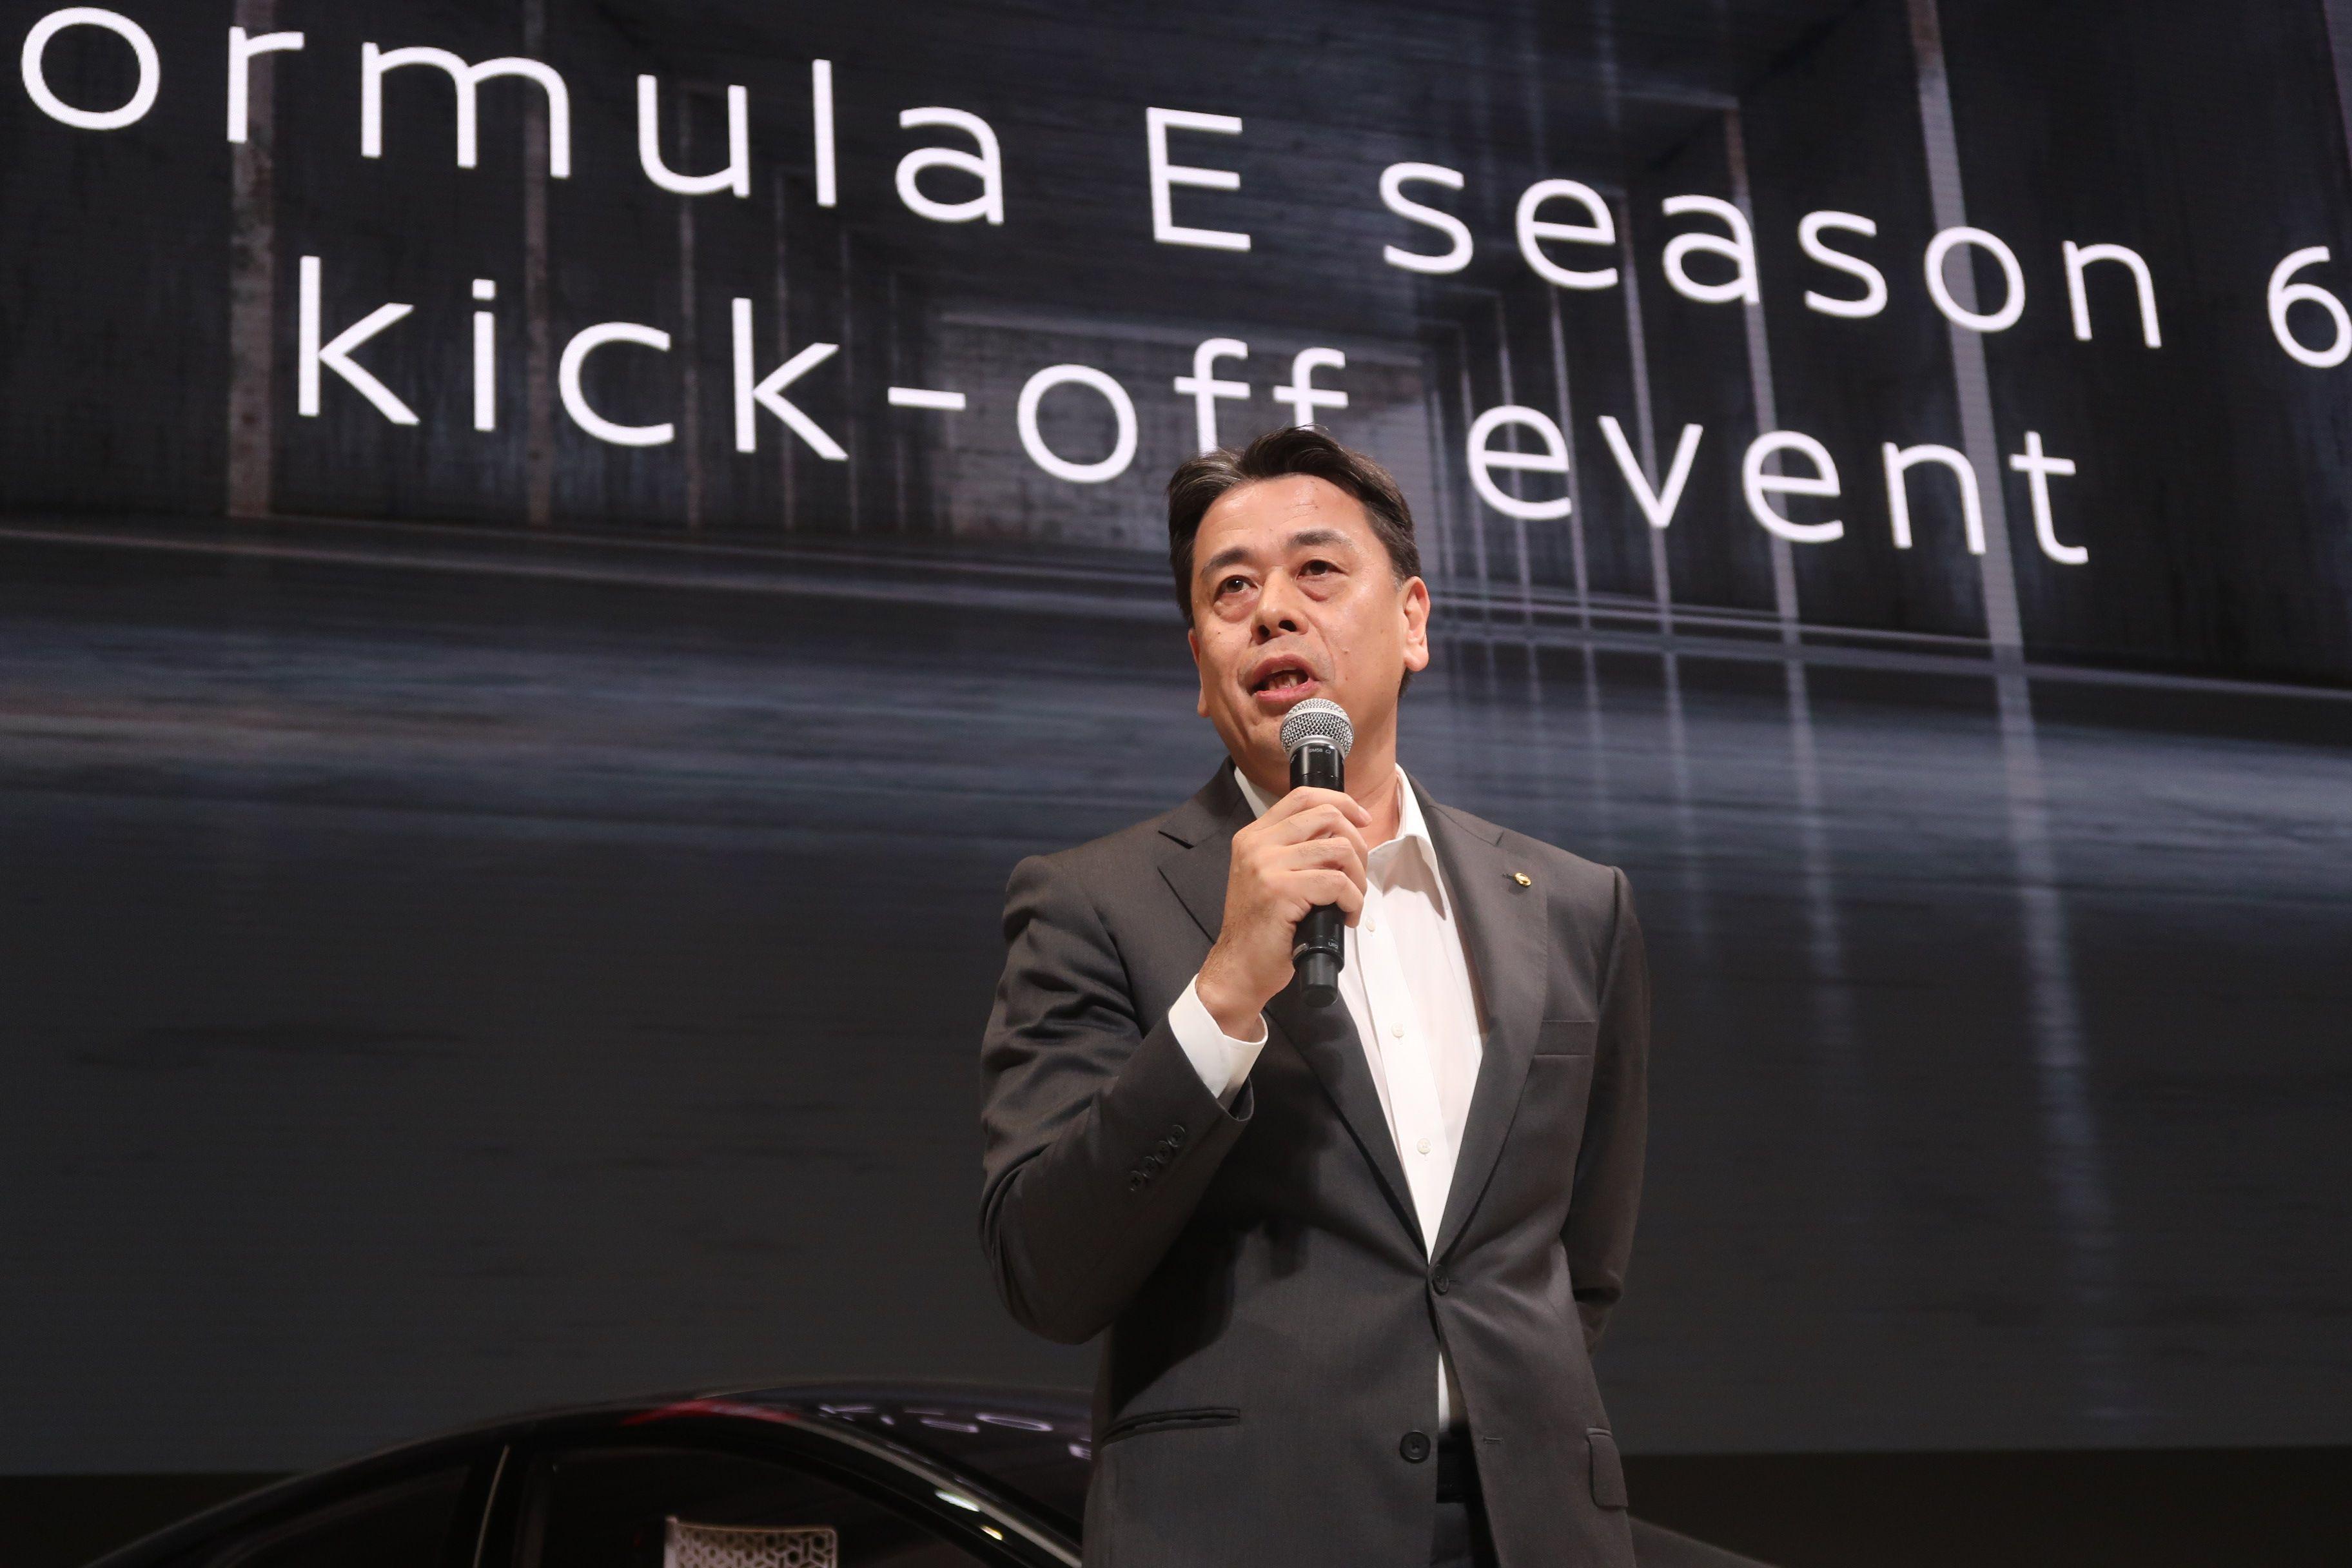 日産の社長兼CEO就任予定の内田氏「事業と信頼回復を目指す」